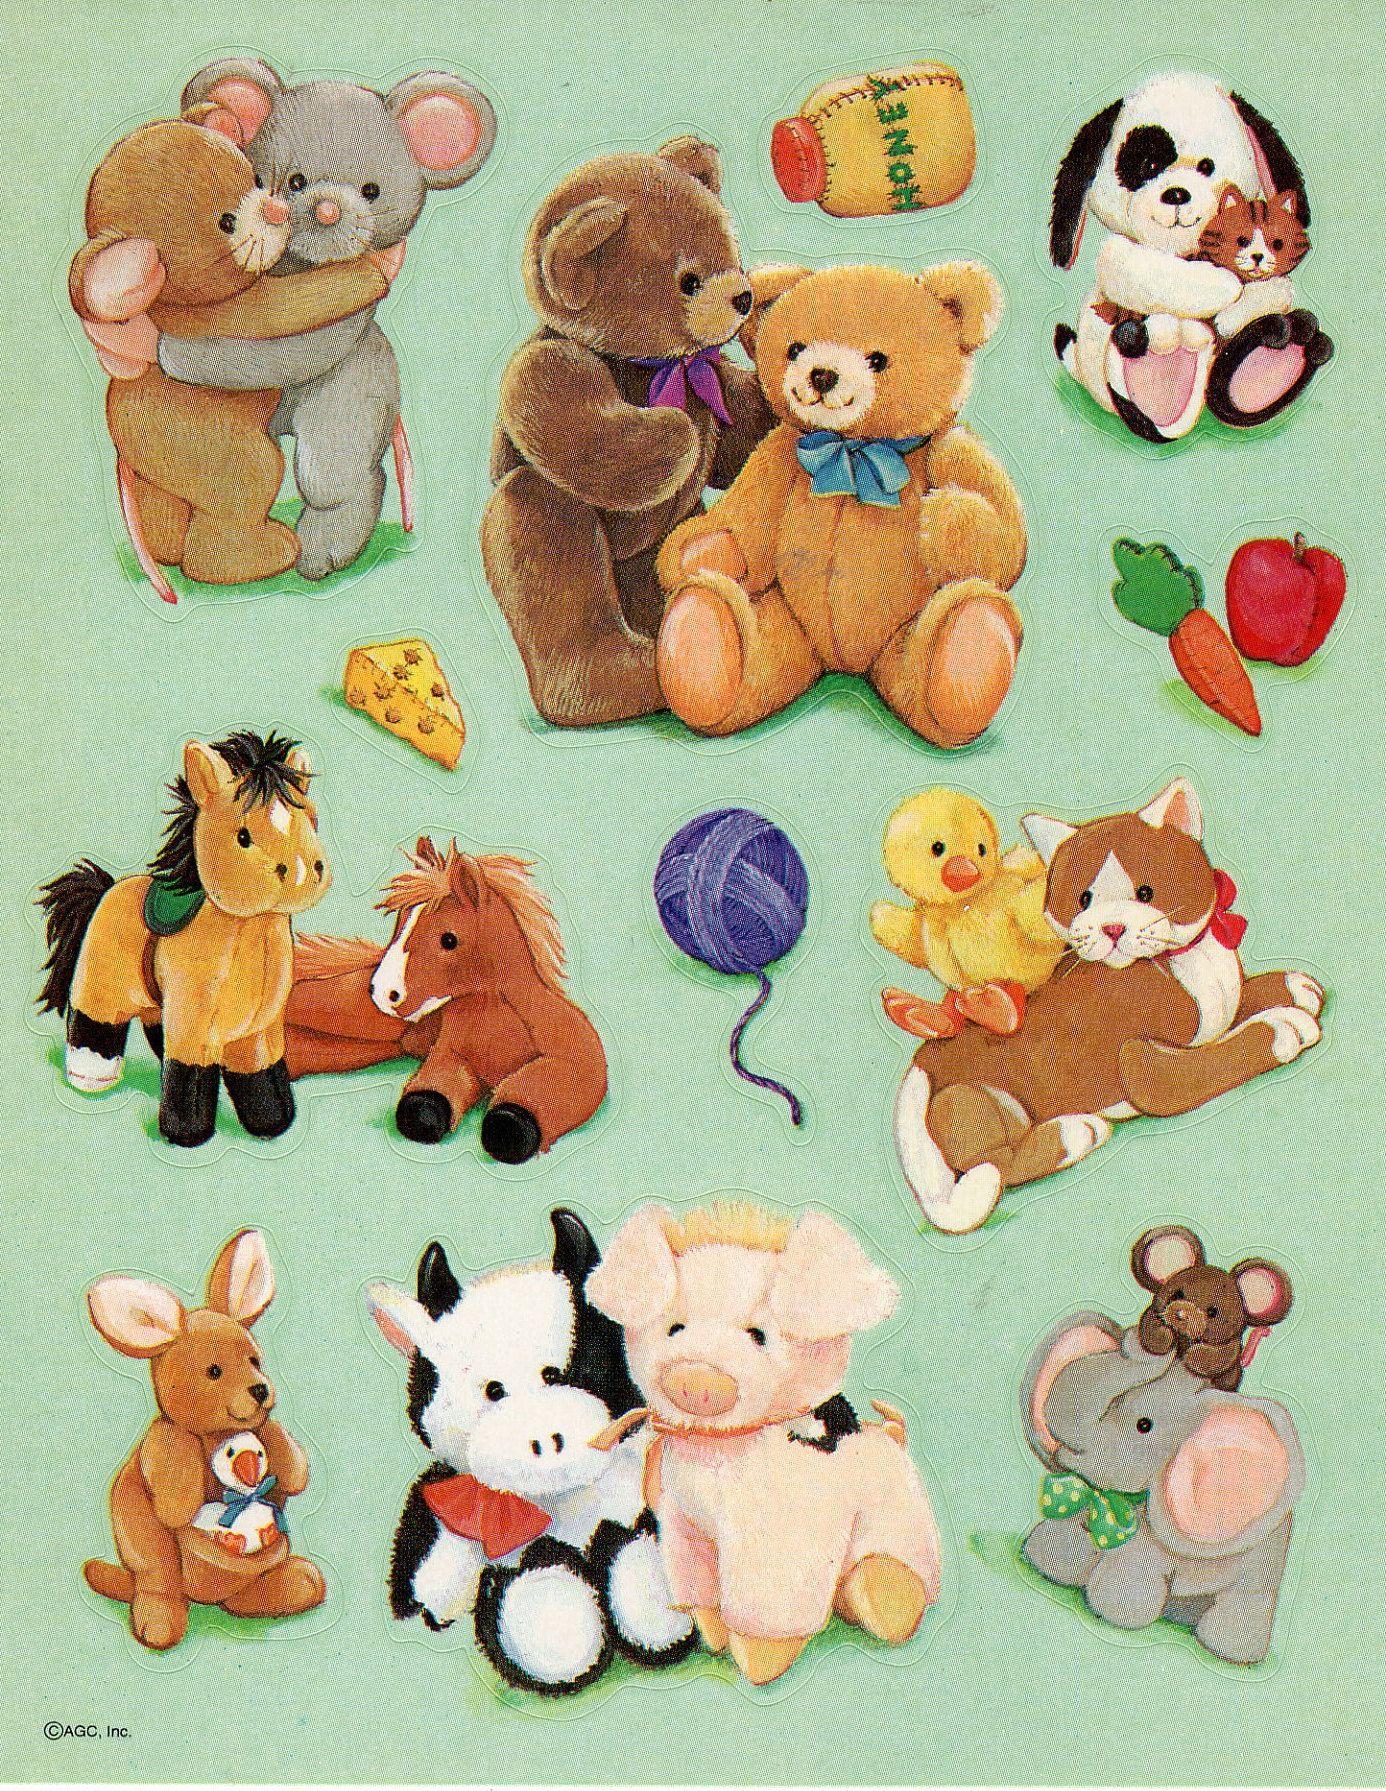 Vintage 1980 S 1990 S American Greetings Agc Stickers Etsy In 2021 Animal Stickers Sticker Collection American Greetings